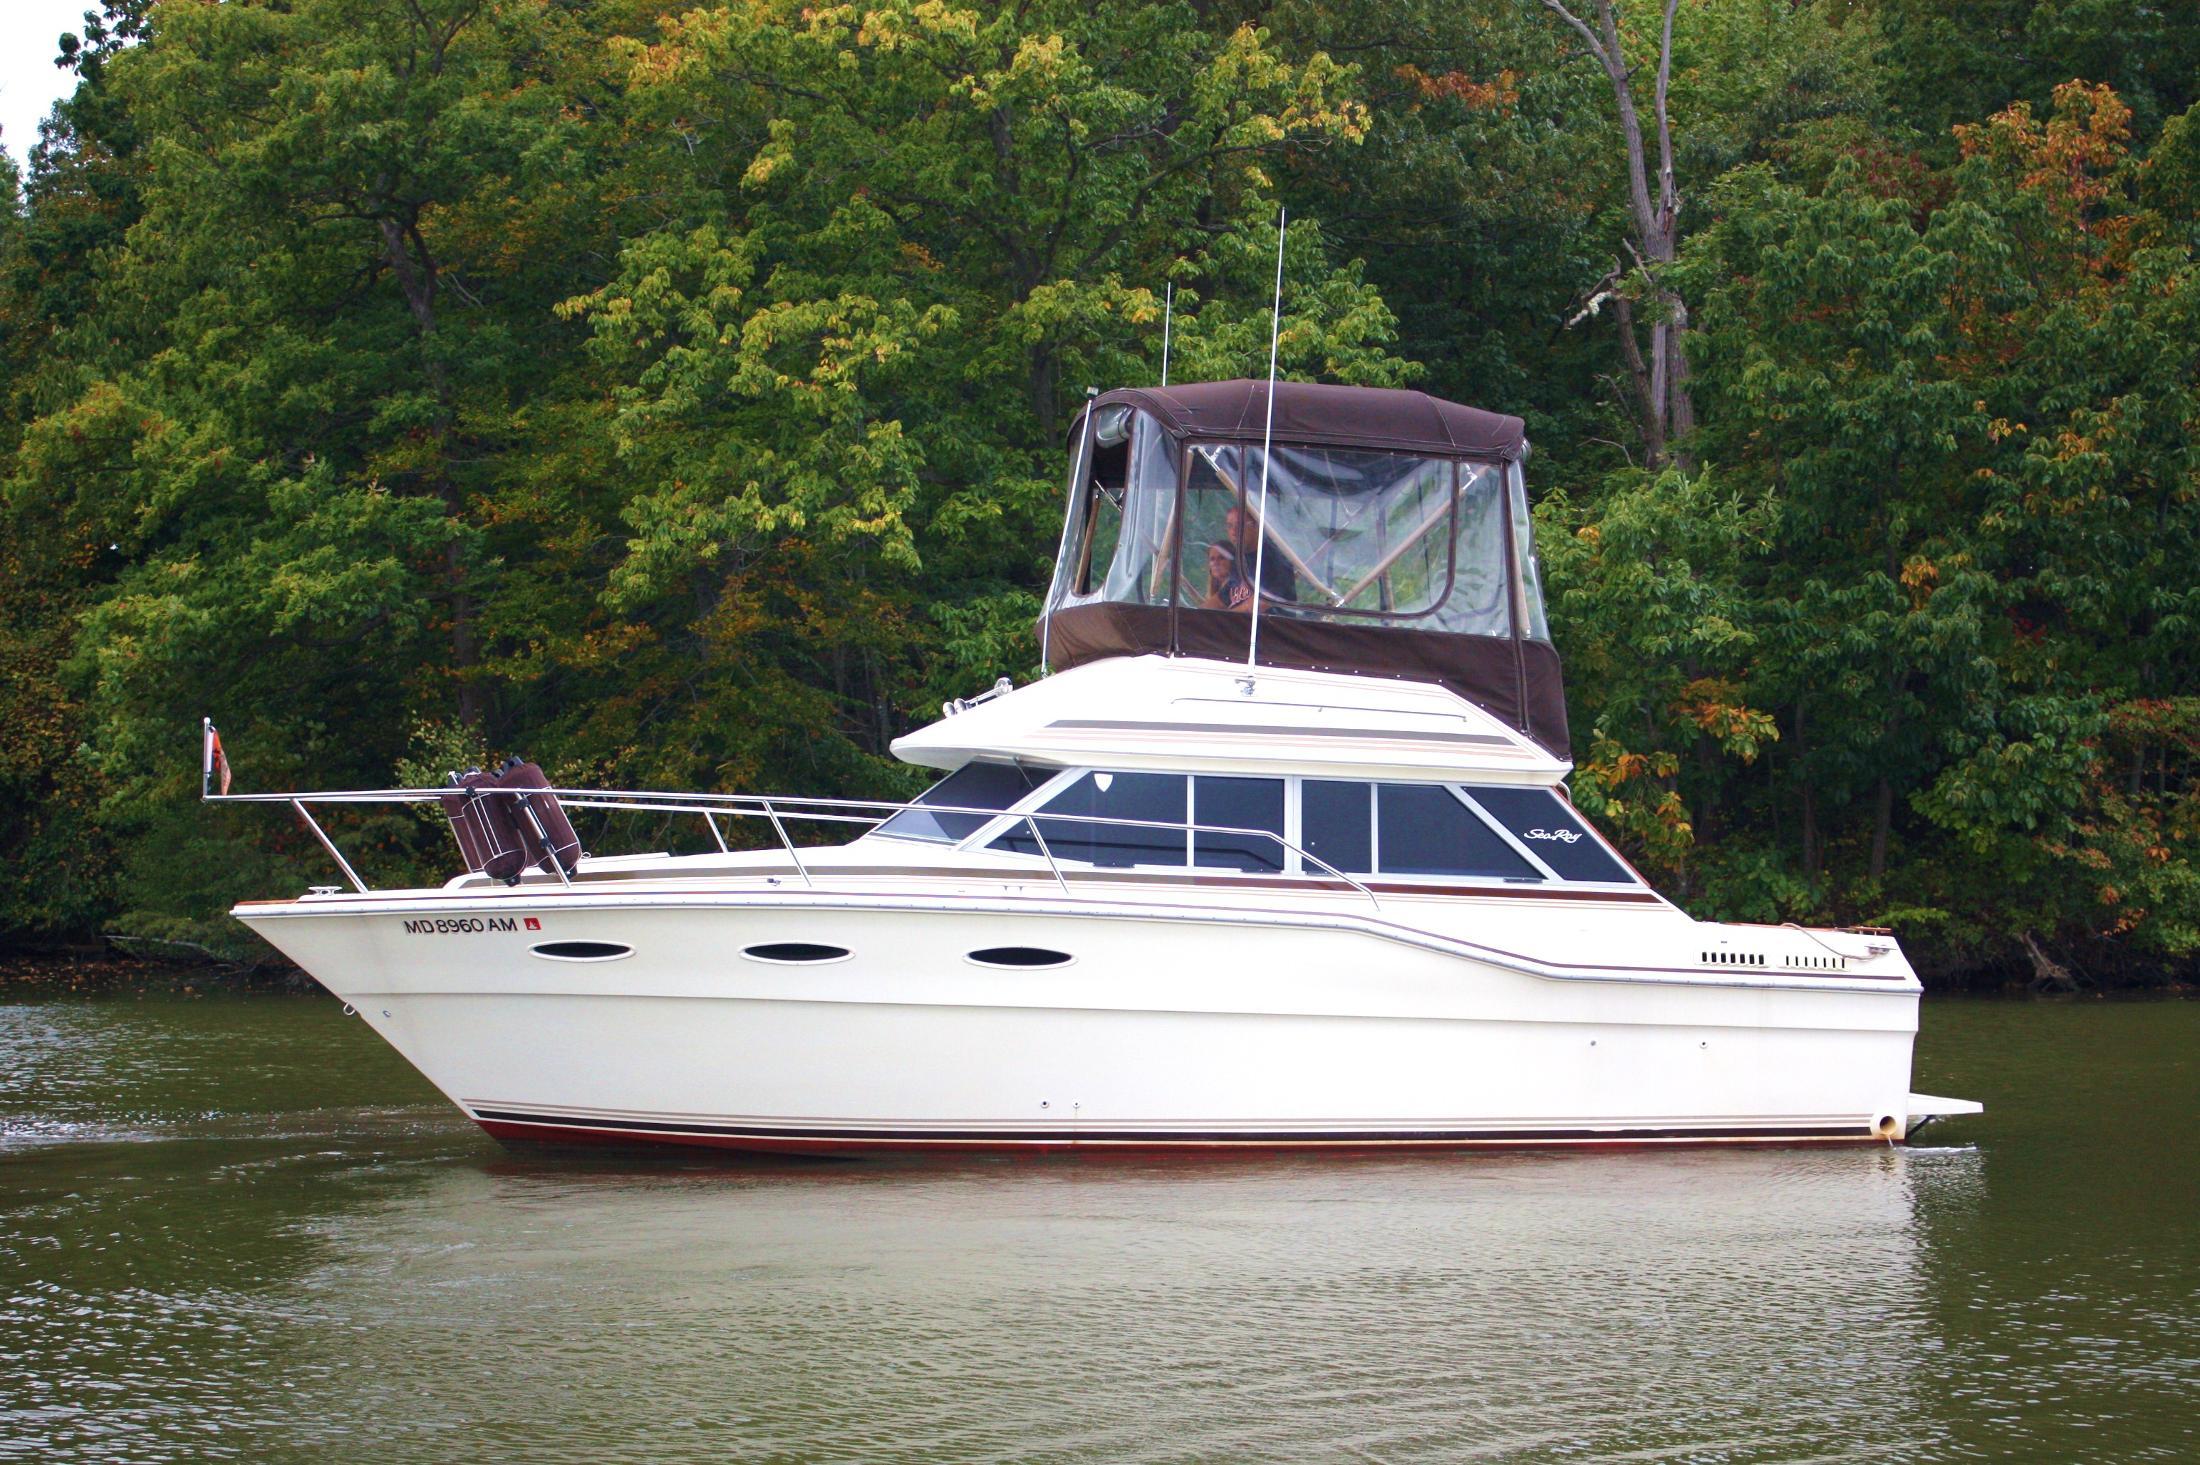 4006844_20121006114352_1_XLARGE&w=2200&h=1465&t=1410971127000 1985 sea ray 300 sedan bridge power boat for sale www yachtworld com  at eliteediting.co